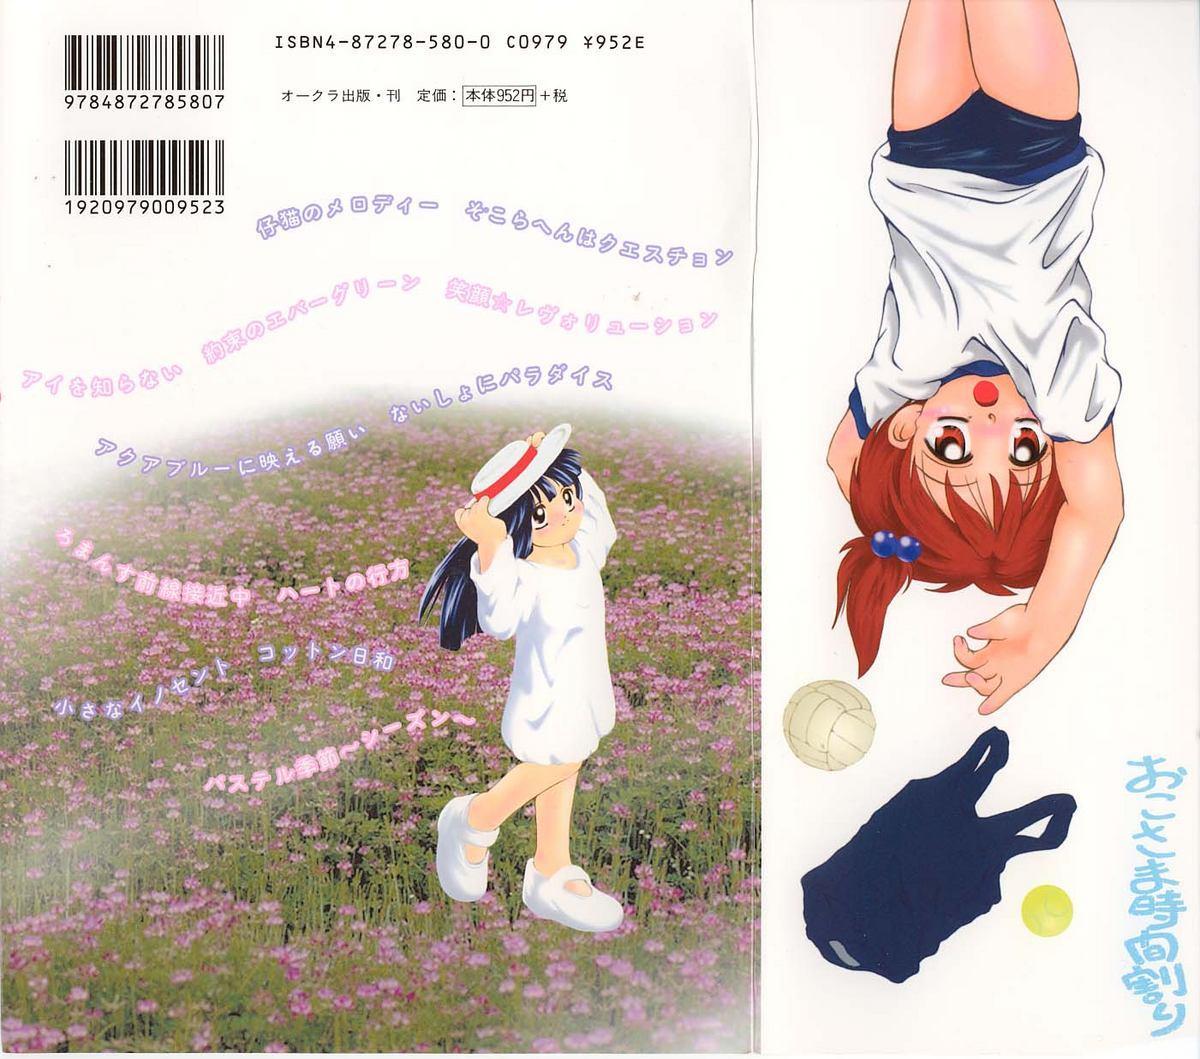 Okosama Jikan Wari 198